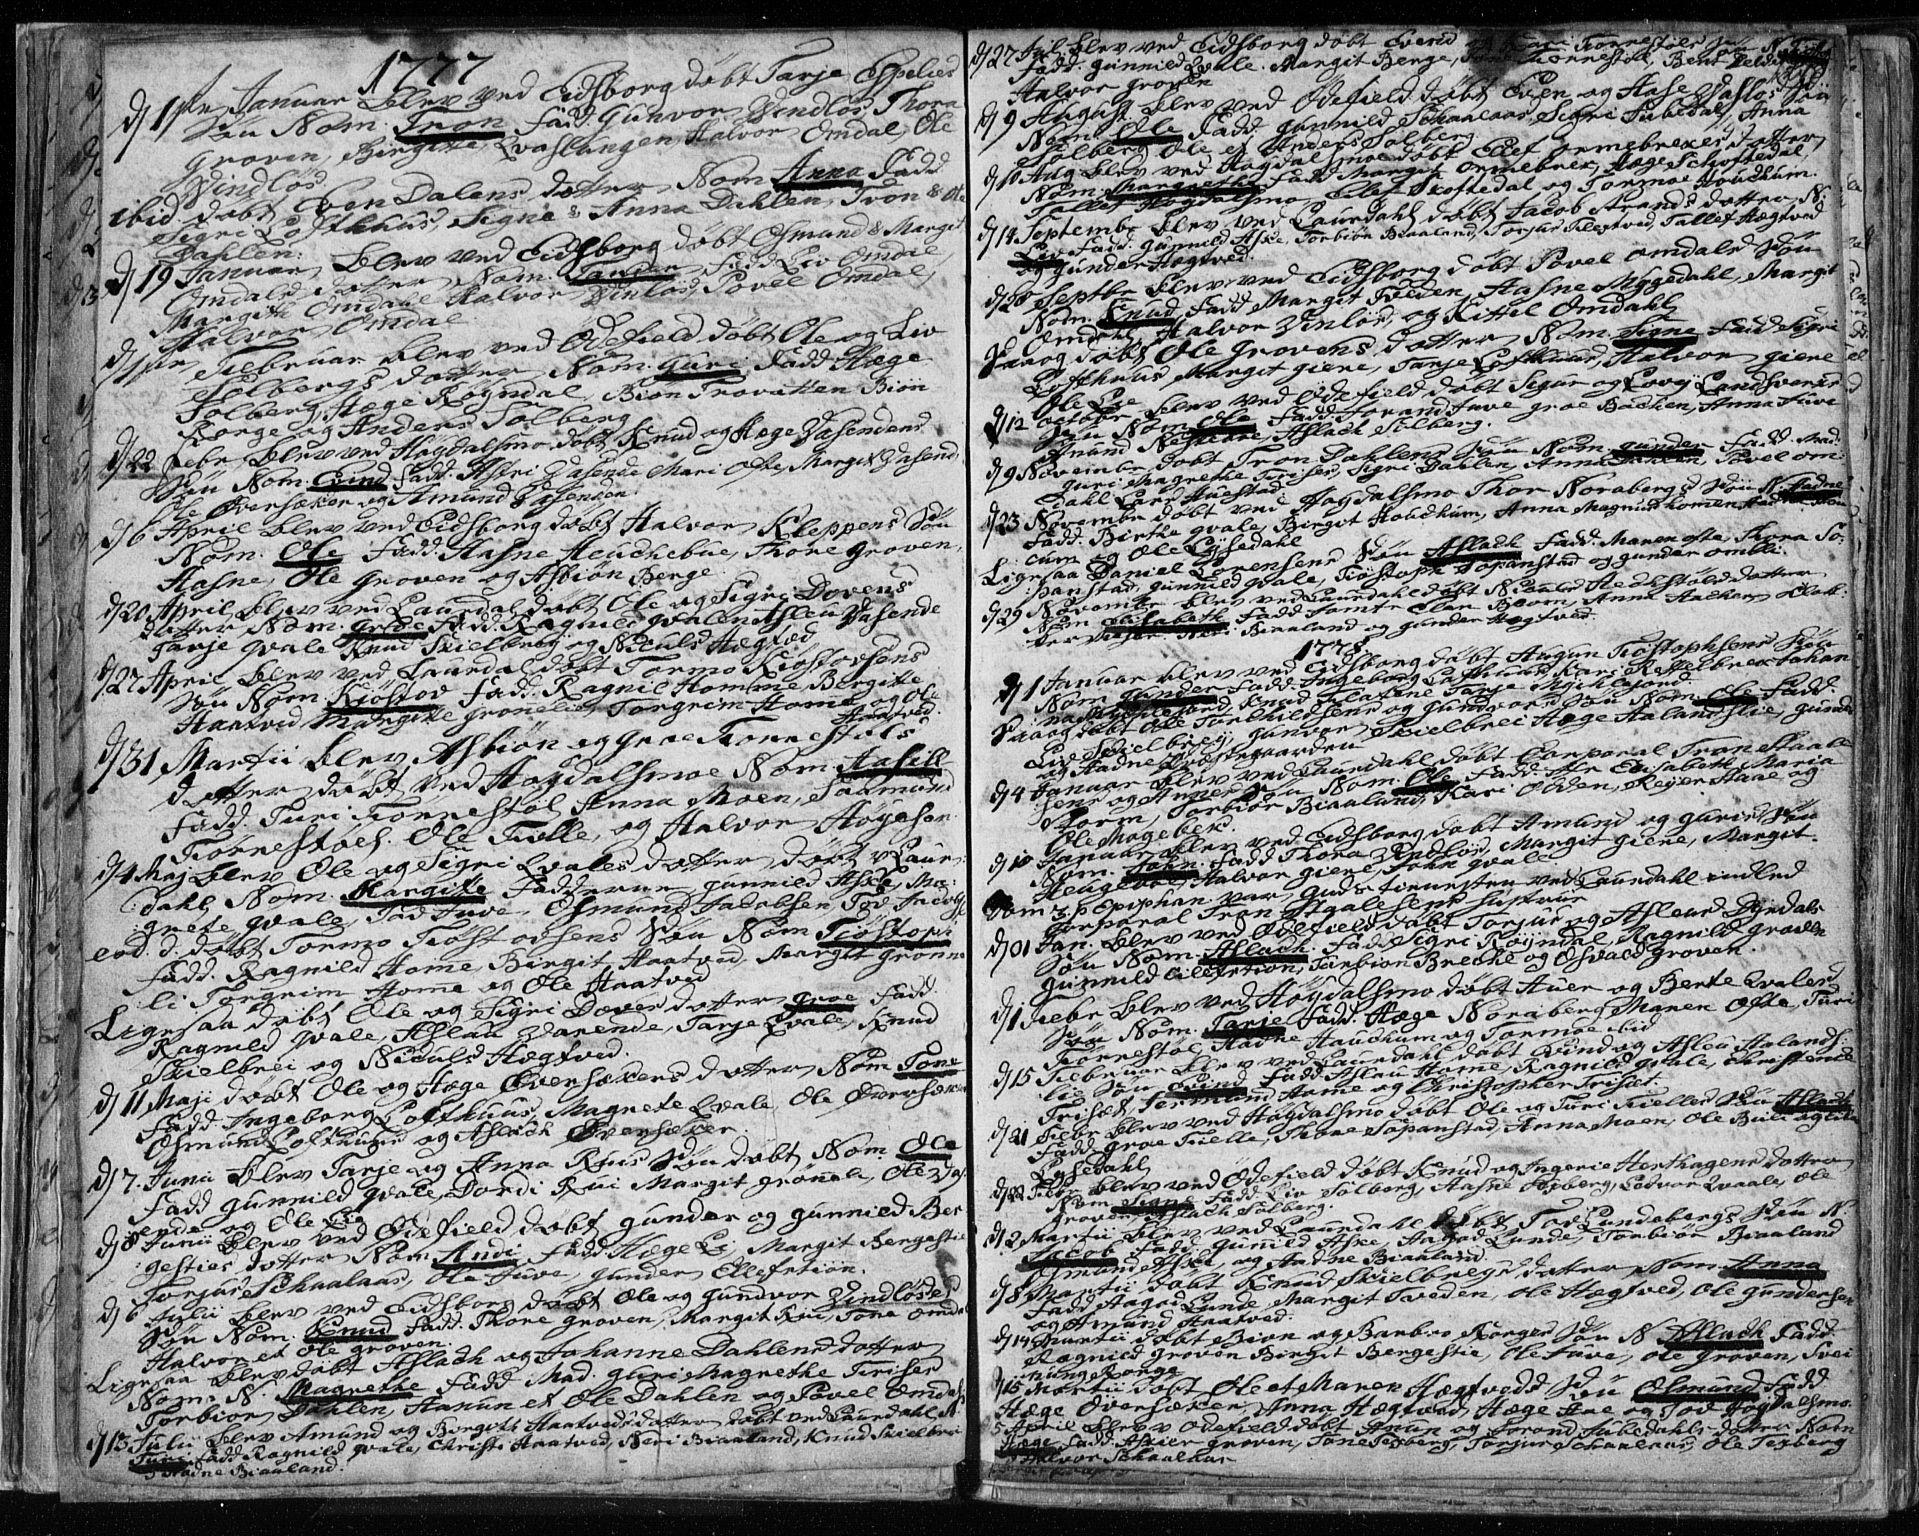 SAKO, Lårdal kirkebøker, F/Fa/L0003: Ministerialbok nr. I 3, 1754-1790, s. 24